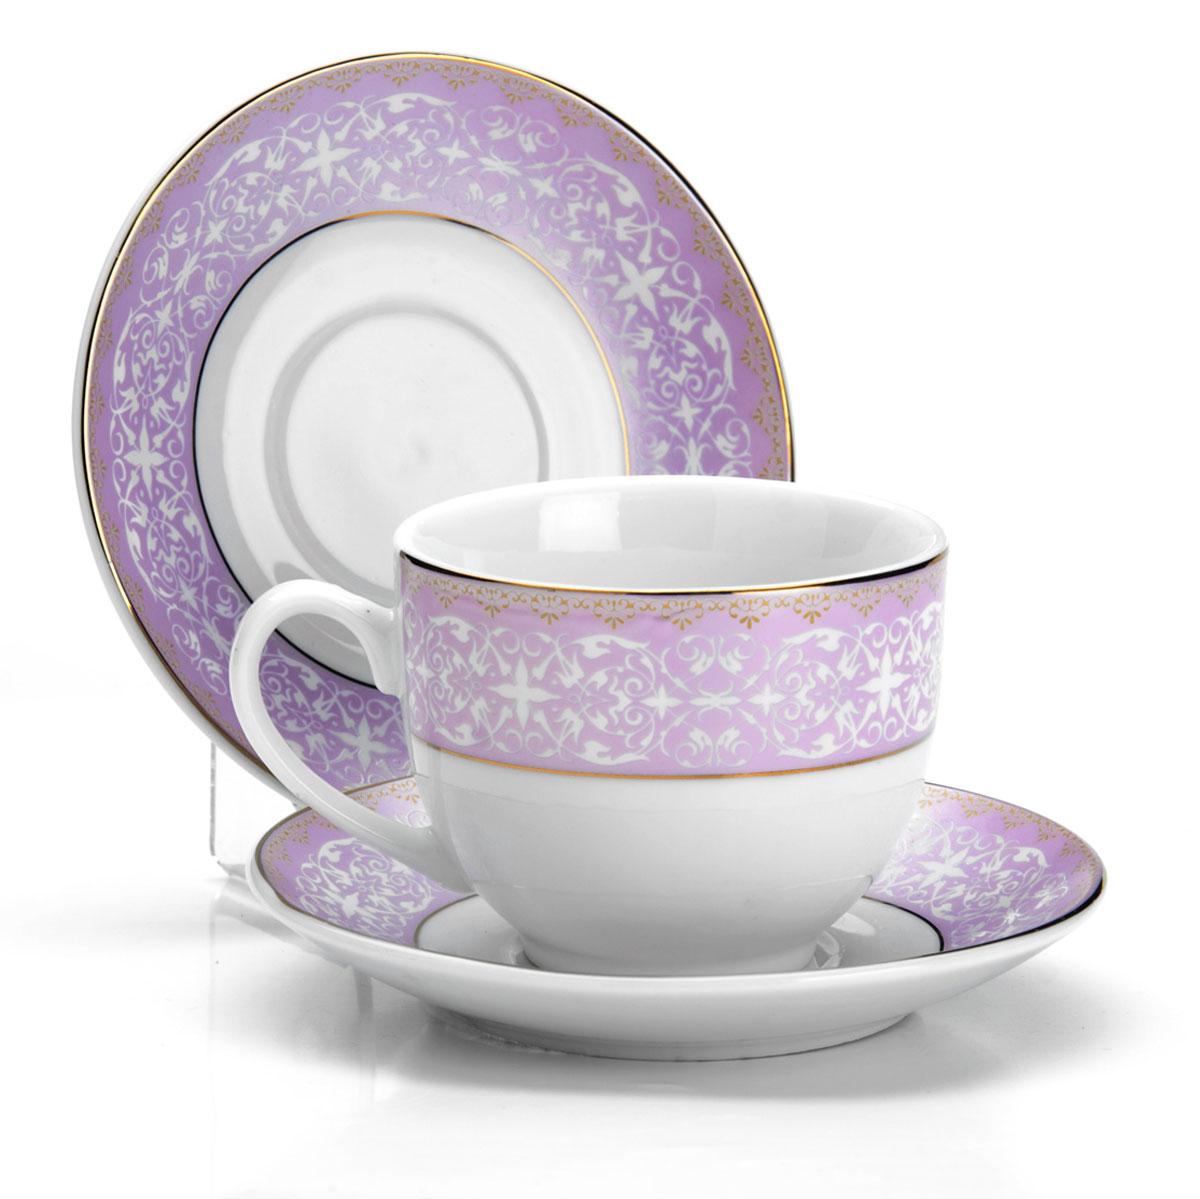 Набор чайный Loraine, 12 предметов. 2589925899Чайный набор состоит из 6 чашек и 6 блюдец, выполненных из фарфора.Диаметр чашки: 8,5 см.Высота чашки: 7,5 см.Объем чашки: 220 мл.Диаметр блюдца: 14 см.